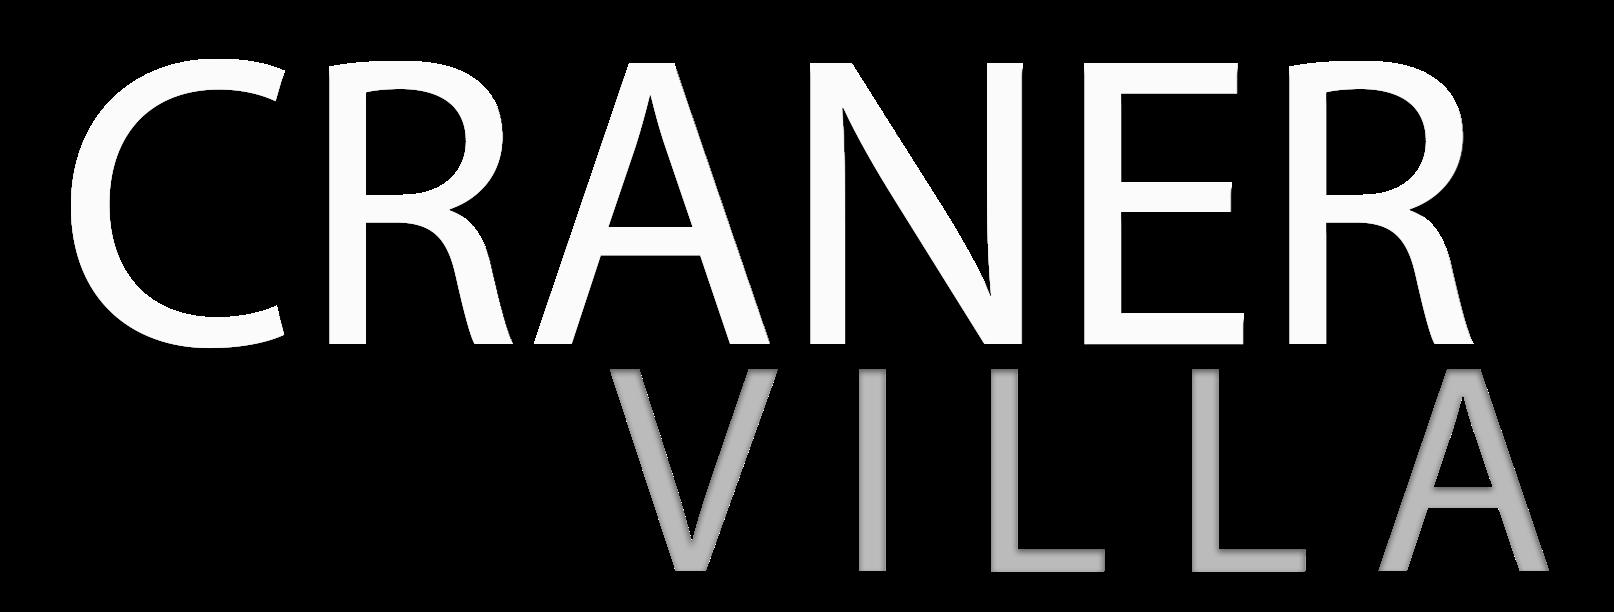 Craner Villa Property Logo 19